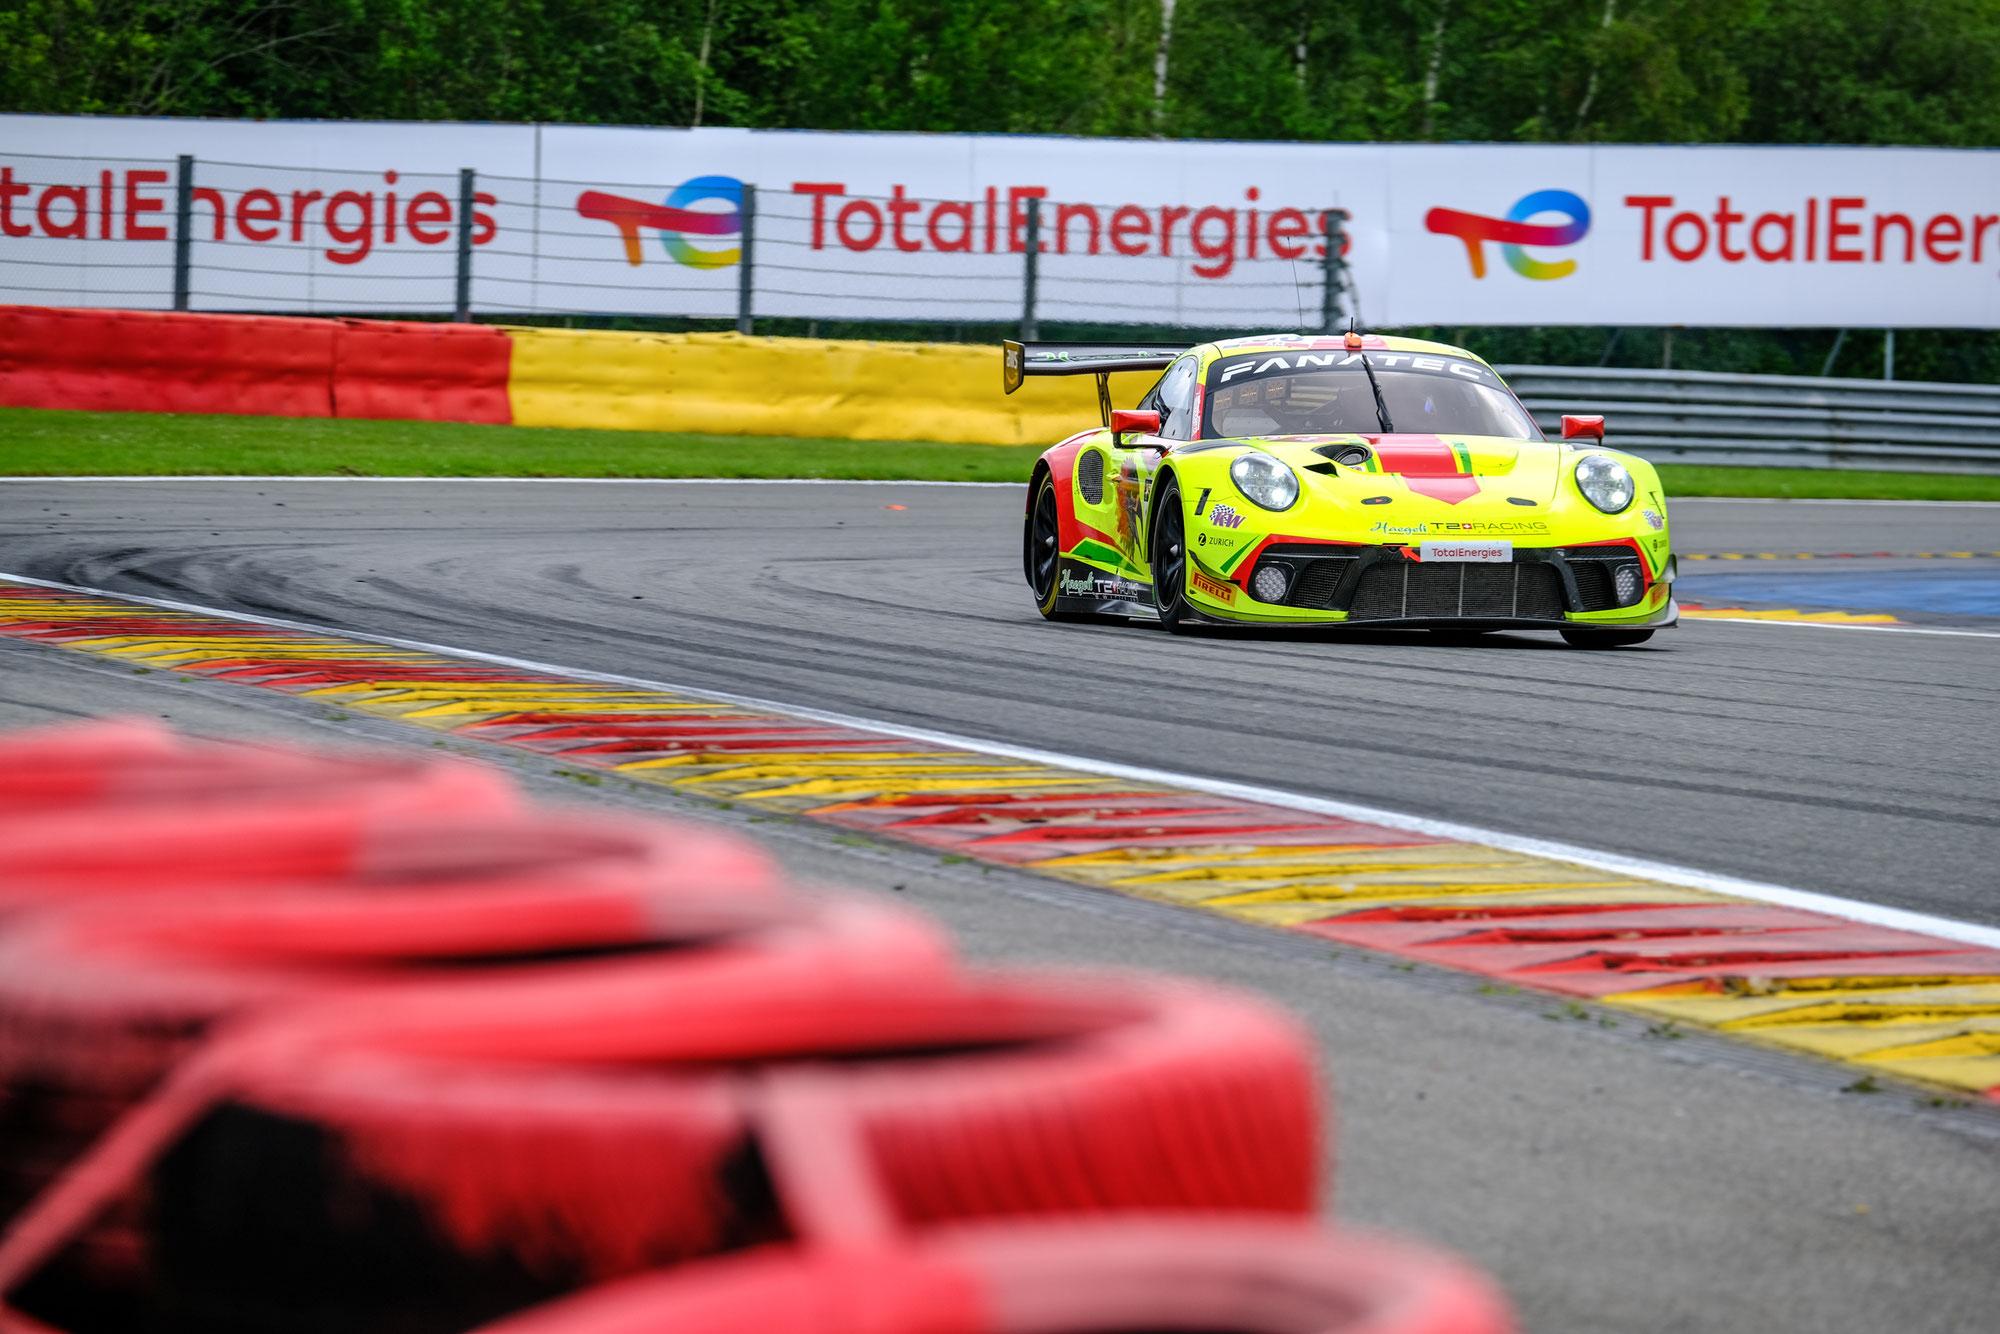 Hägeli by T2 Racing Porsche an der Spitze beim Bronze-Test zum Start der TotalEnergies 24 Stunden von Spa 2021